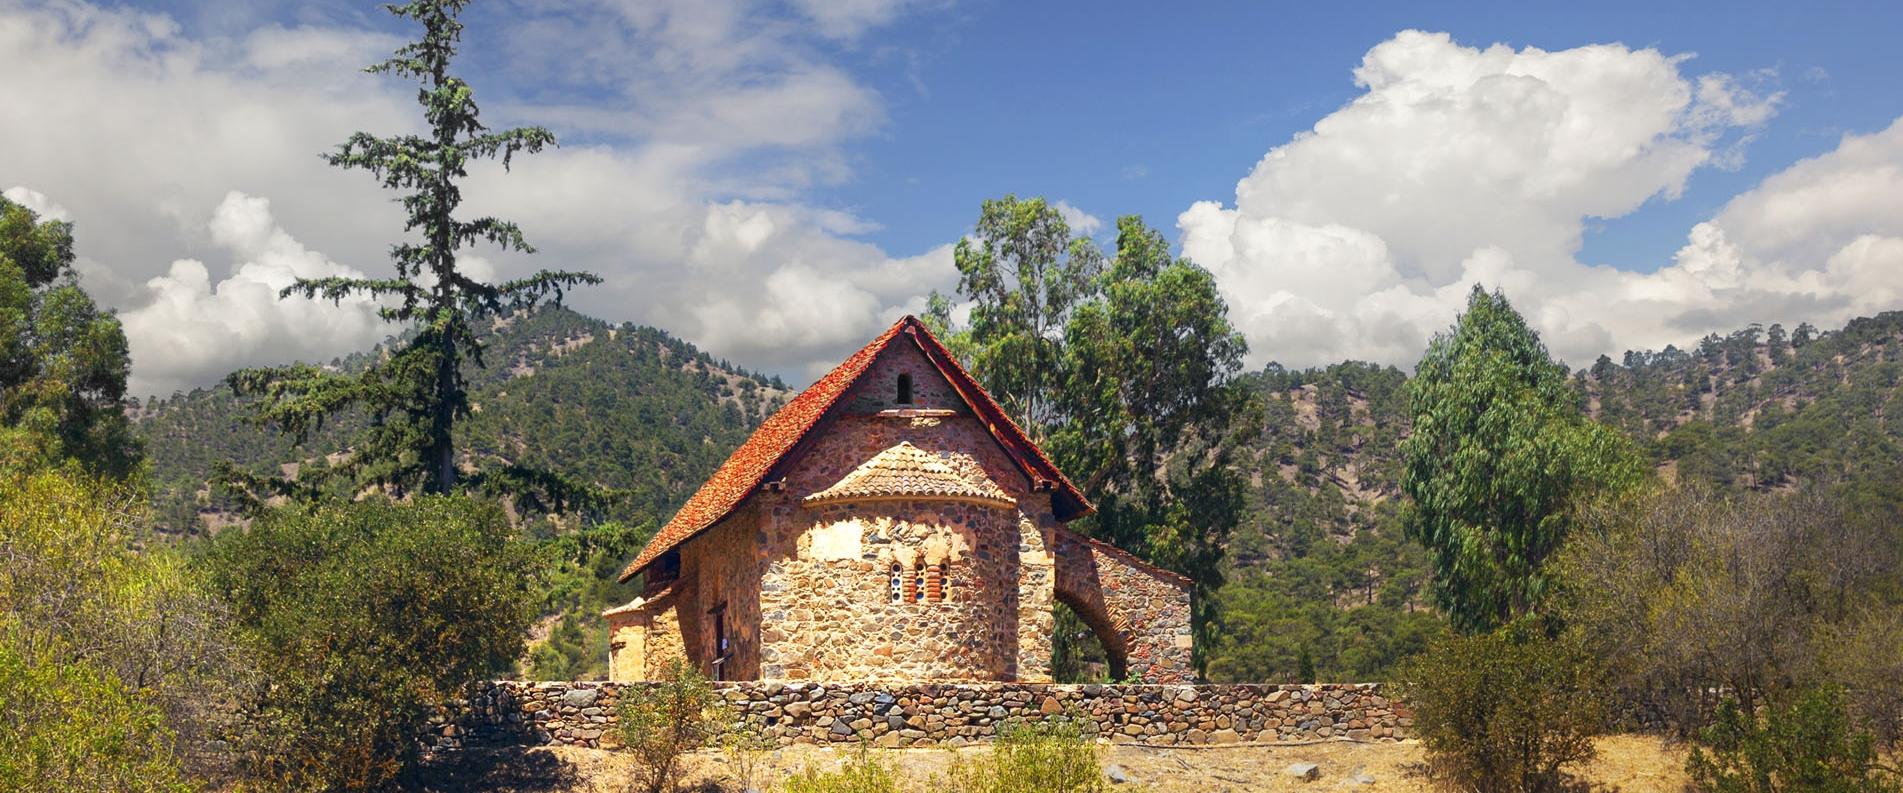 Осенний тур по деревням Троодоса: Потами – Асину-парк и Панагия Асину – Никитари – Визакья